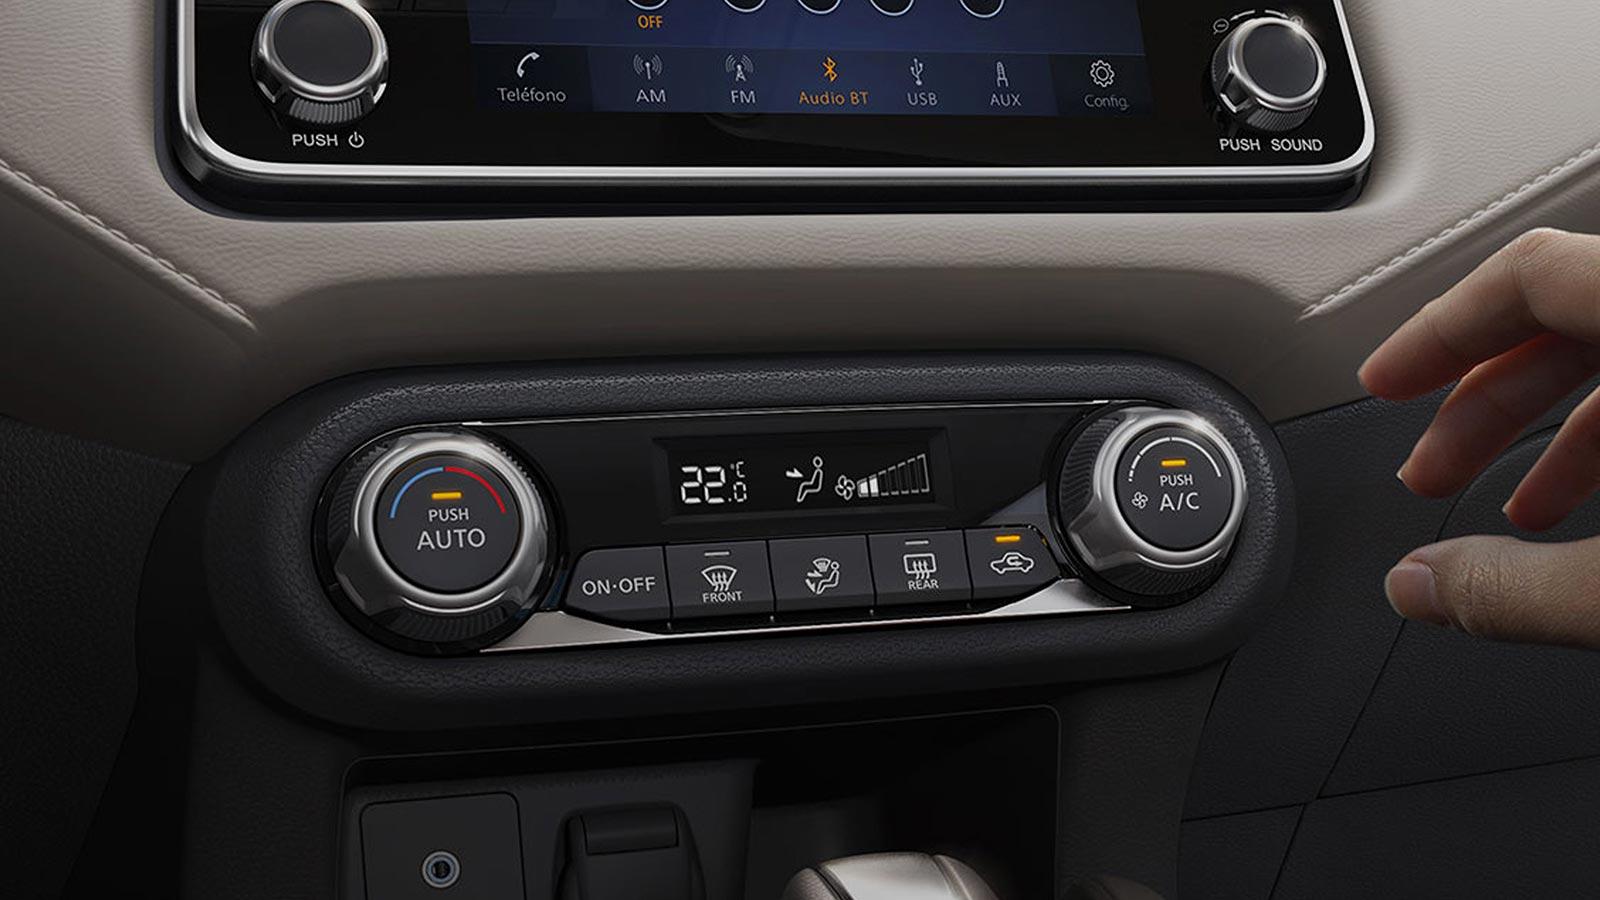 Climatizador Nuevo Nissan Versa